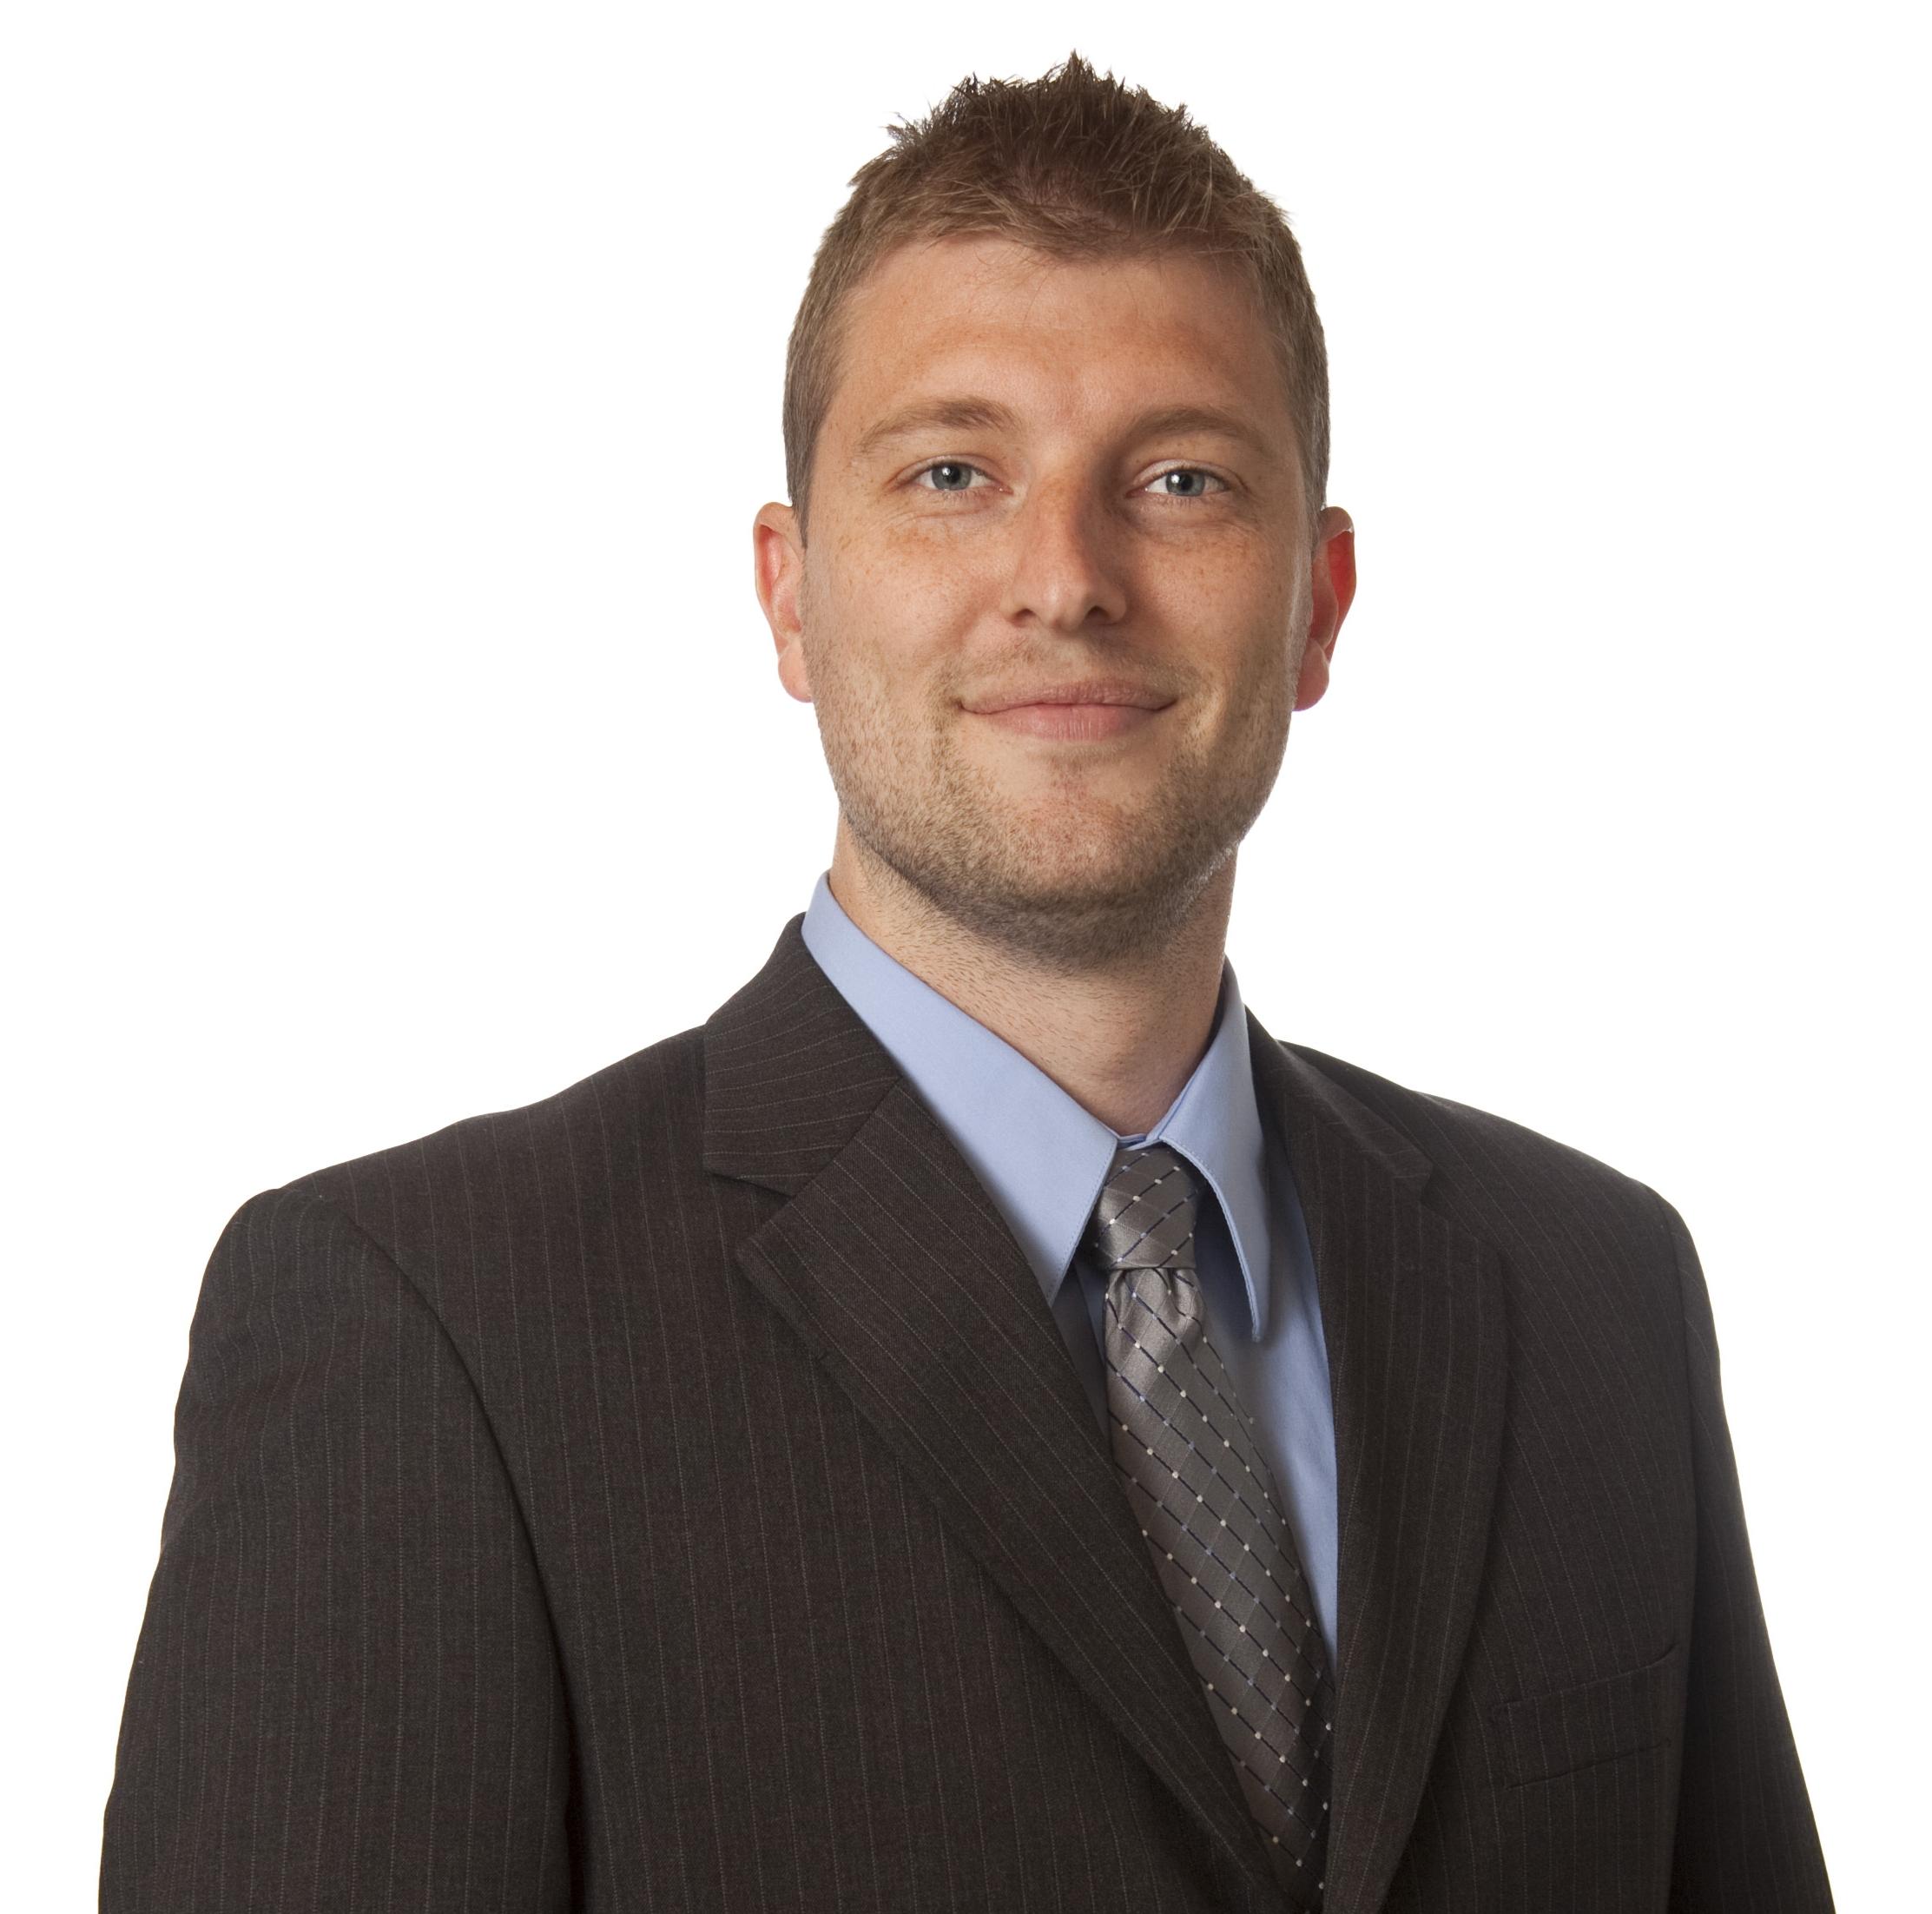 Thomas De Jong, financial advisor Sioux Center IA